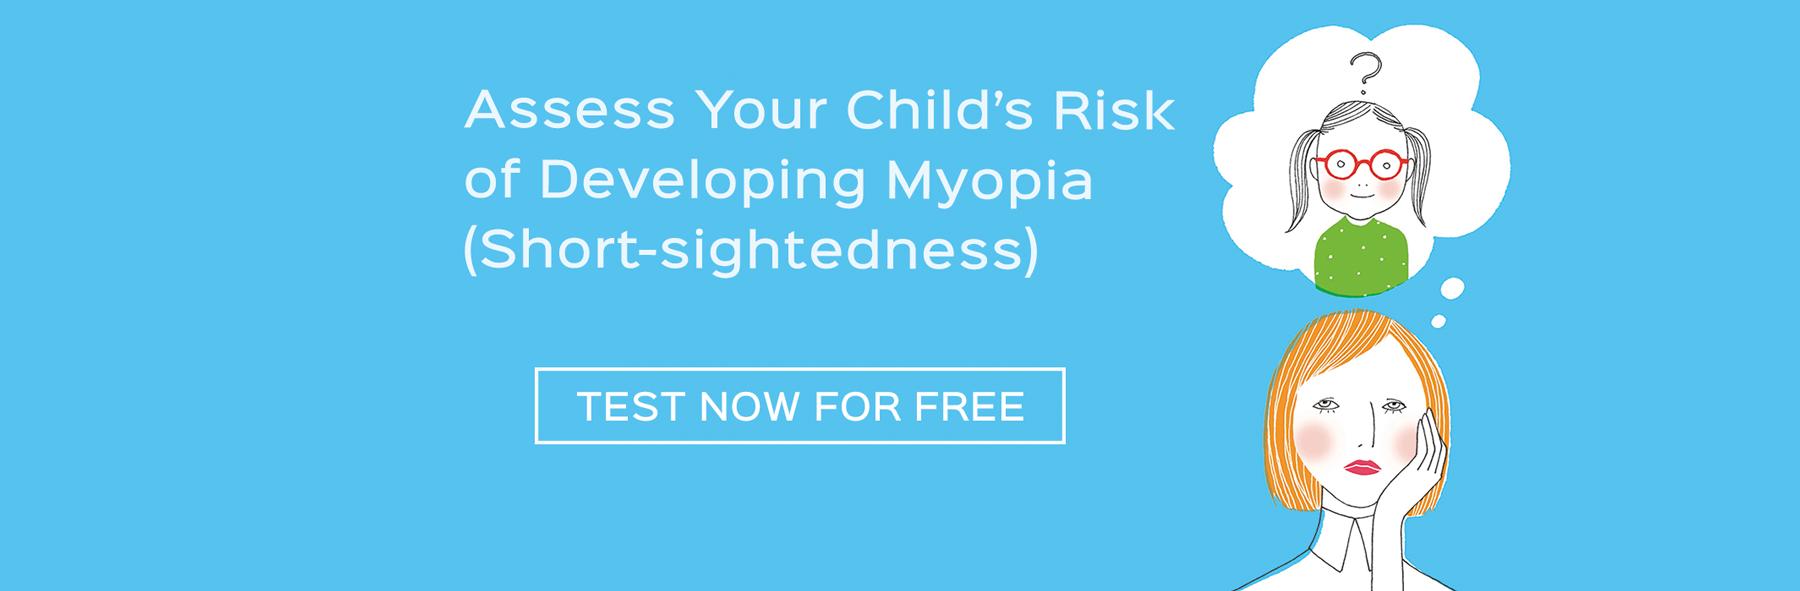 myopia care